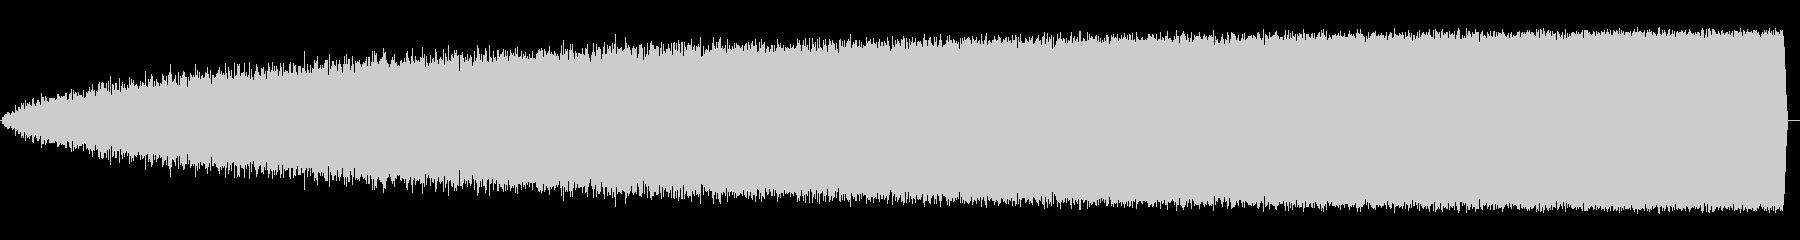 ザー(ラジオなどのノイズ音)の未再生の波形